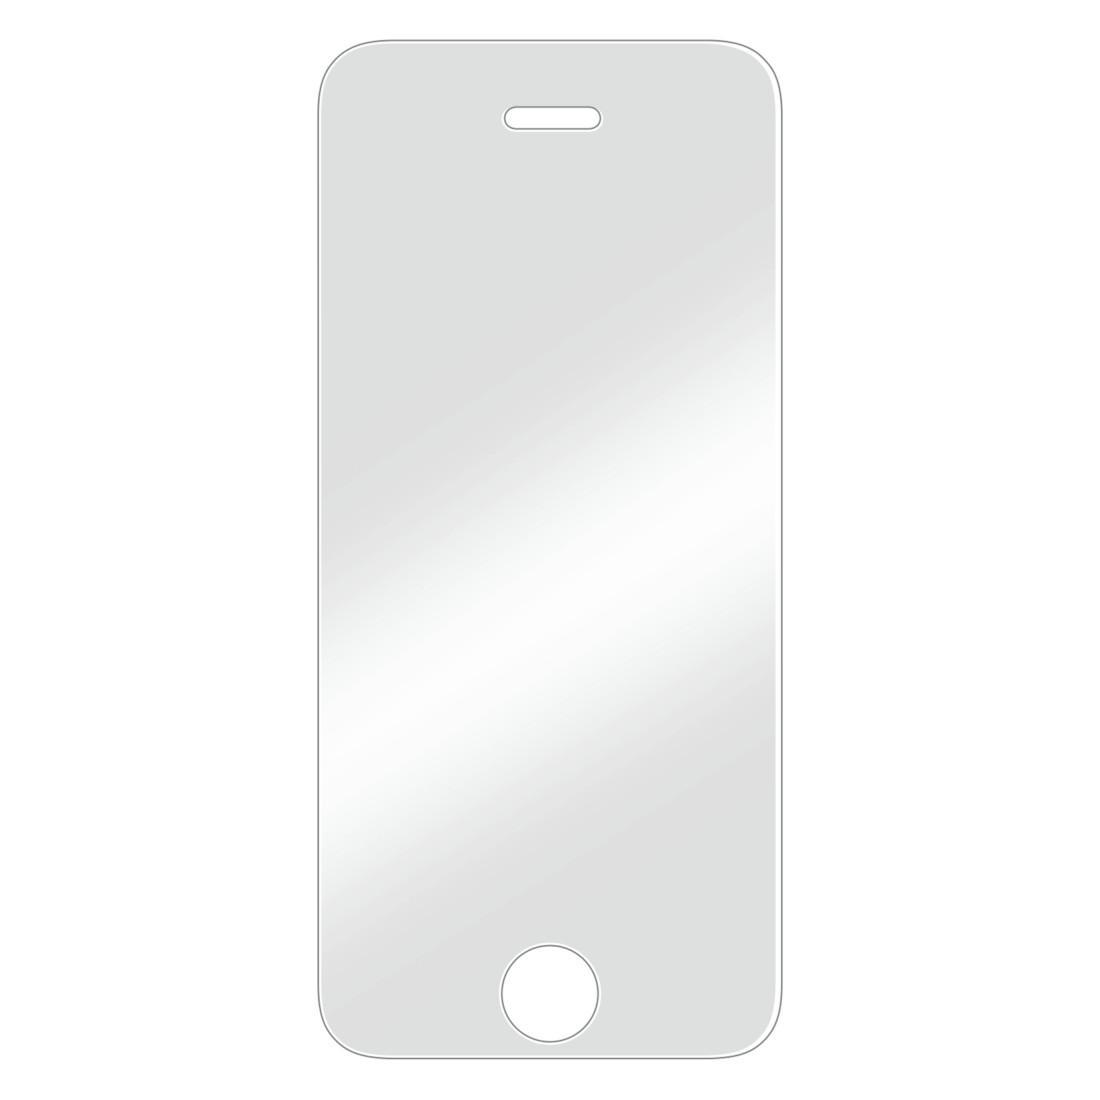 Протектор за екран HAMA Premium Crystal Glass 173252, iPhone 5/5s/5c/SE